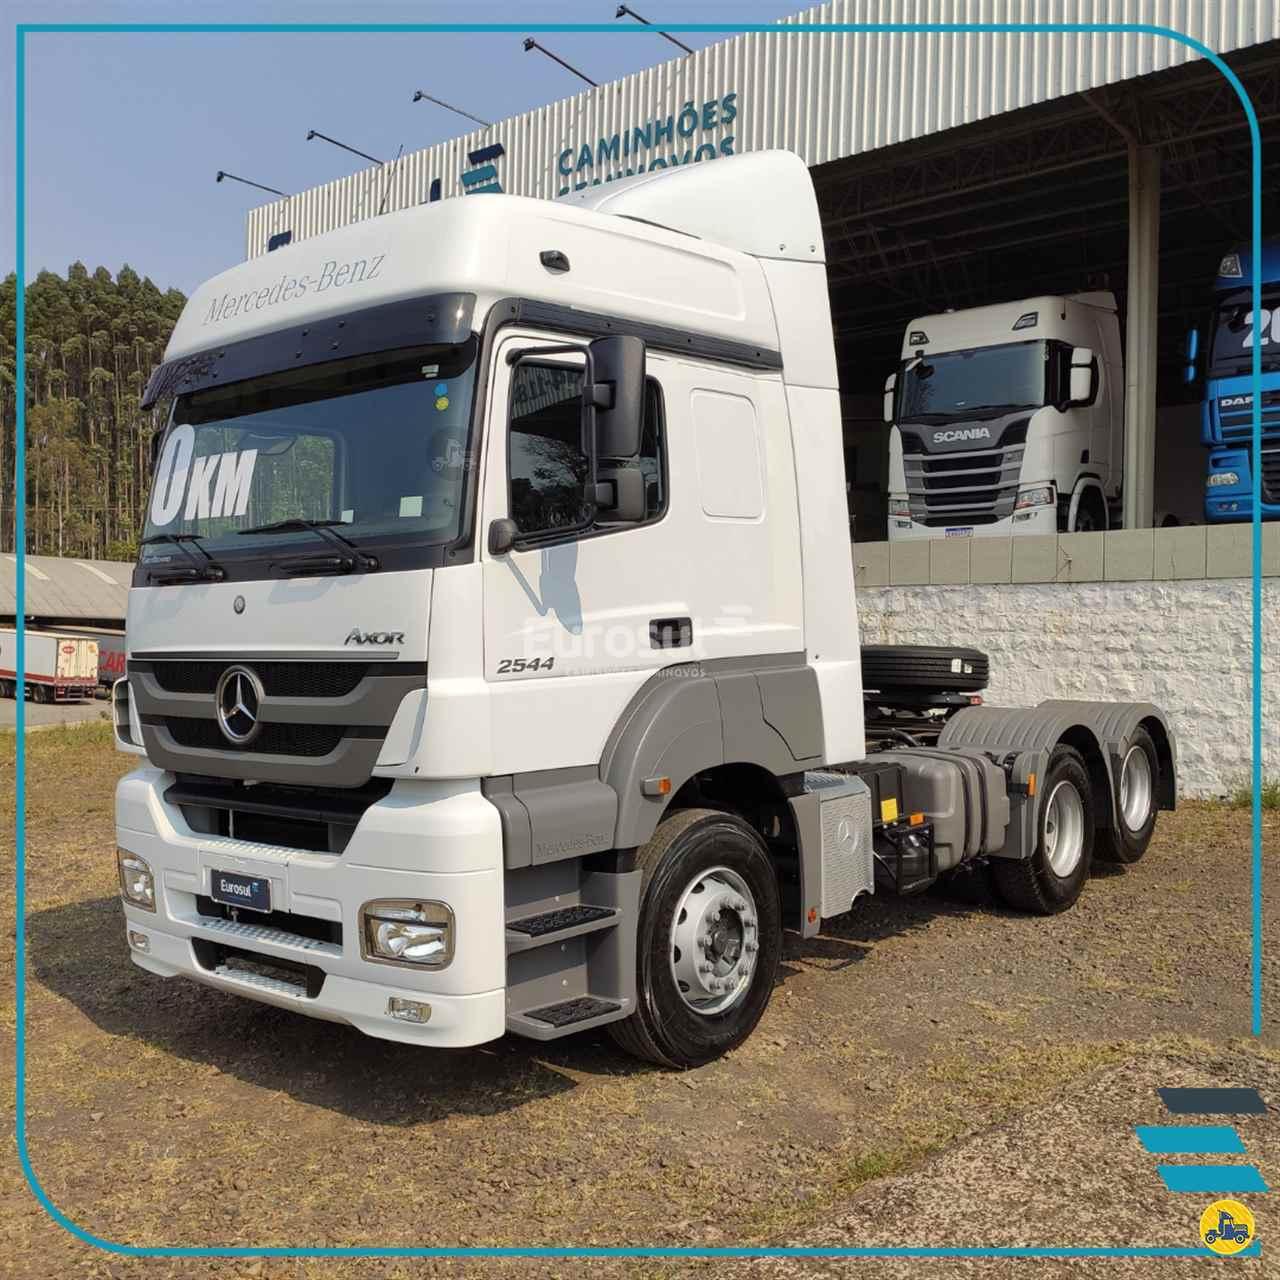 CAMINHAO MERCEDES-BENZ MB 2544 Cavalo Mecânico Truck 6x2 Eurosul Caminhões Seminovos CONCORDIA SANTA CATARINA SC